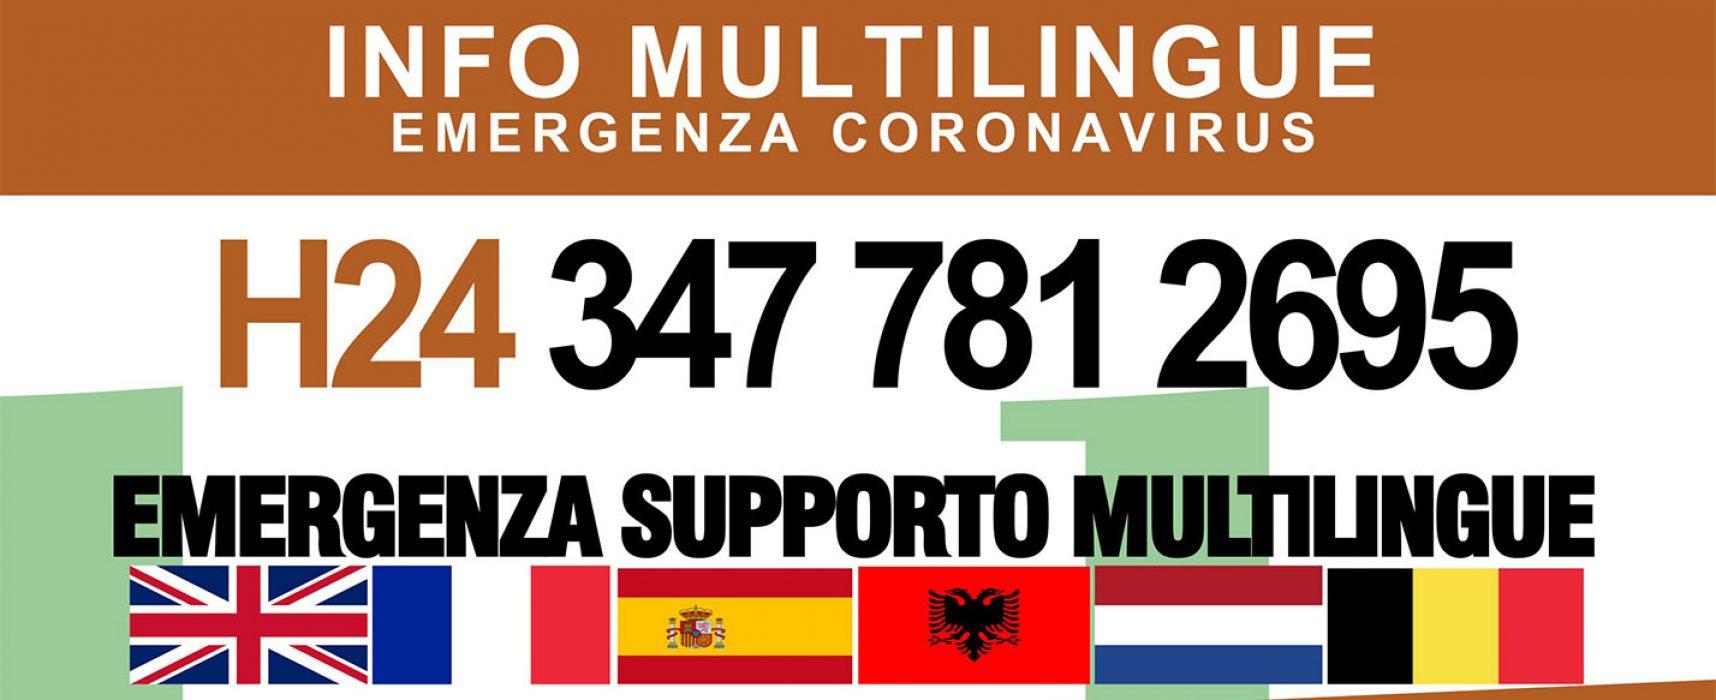 Emergenza Coronavirus, attivato a Bisceglie il supporto multilingue